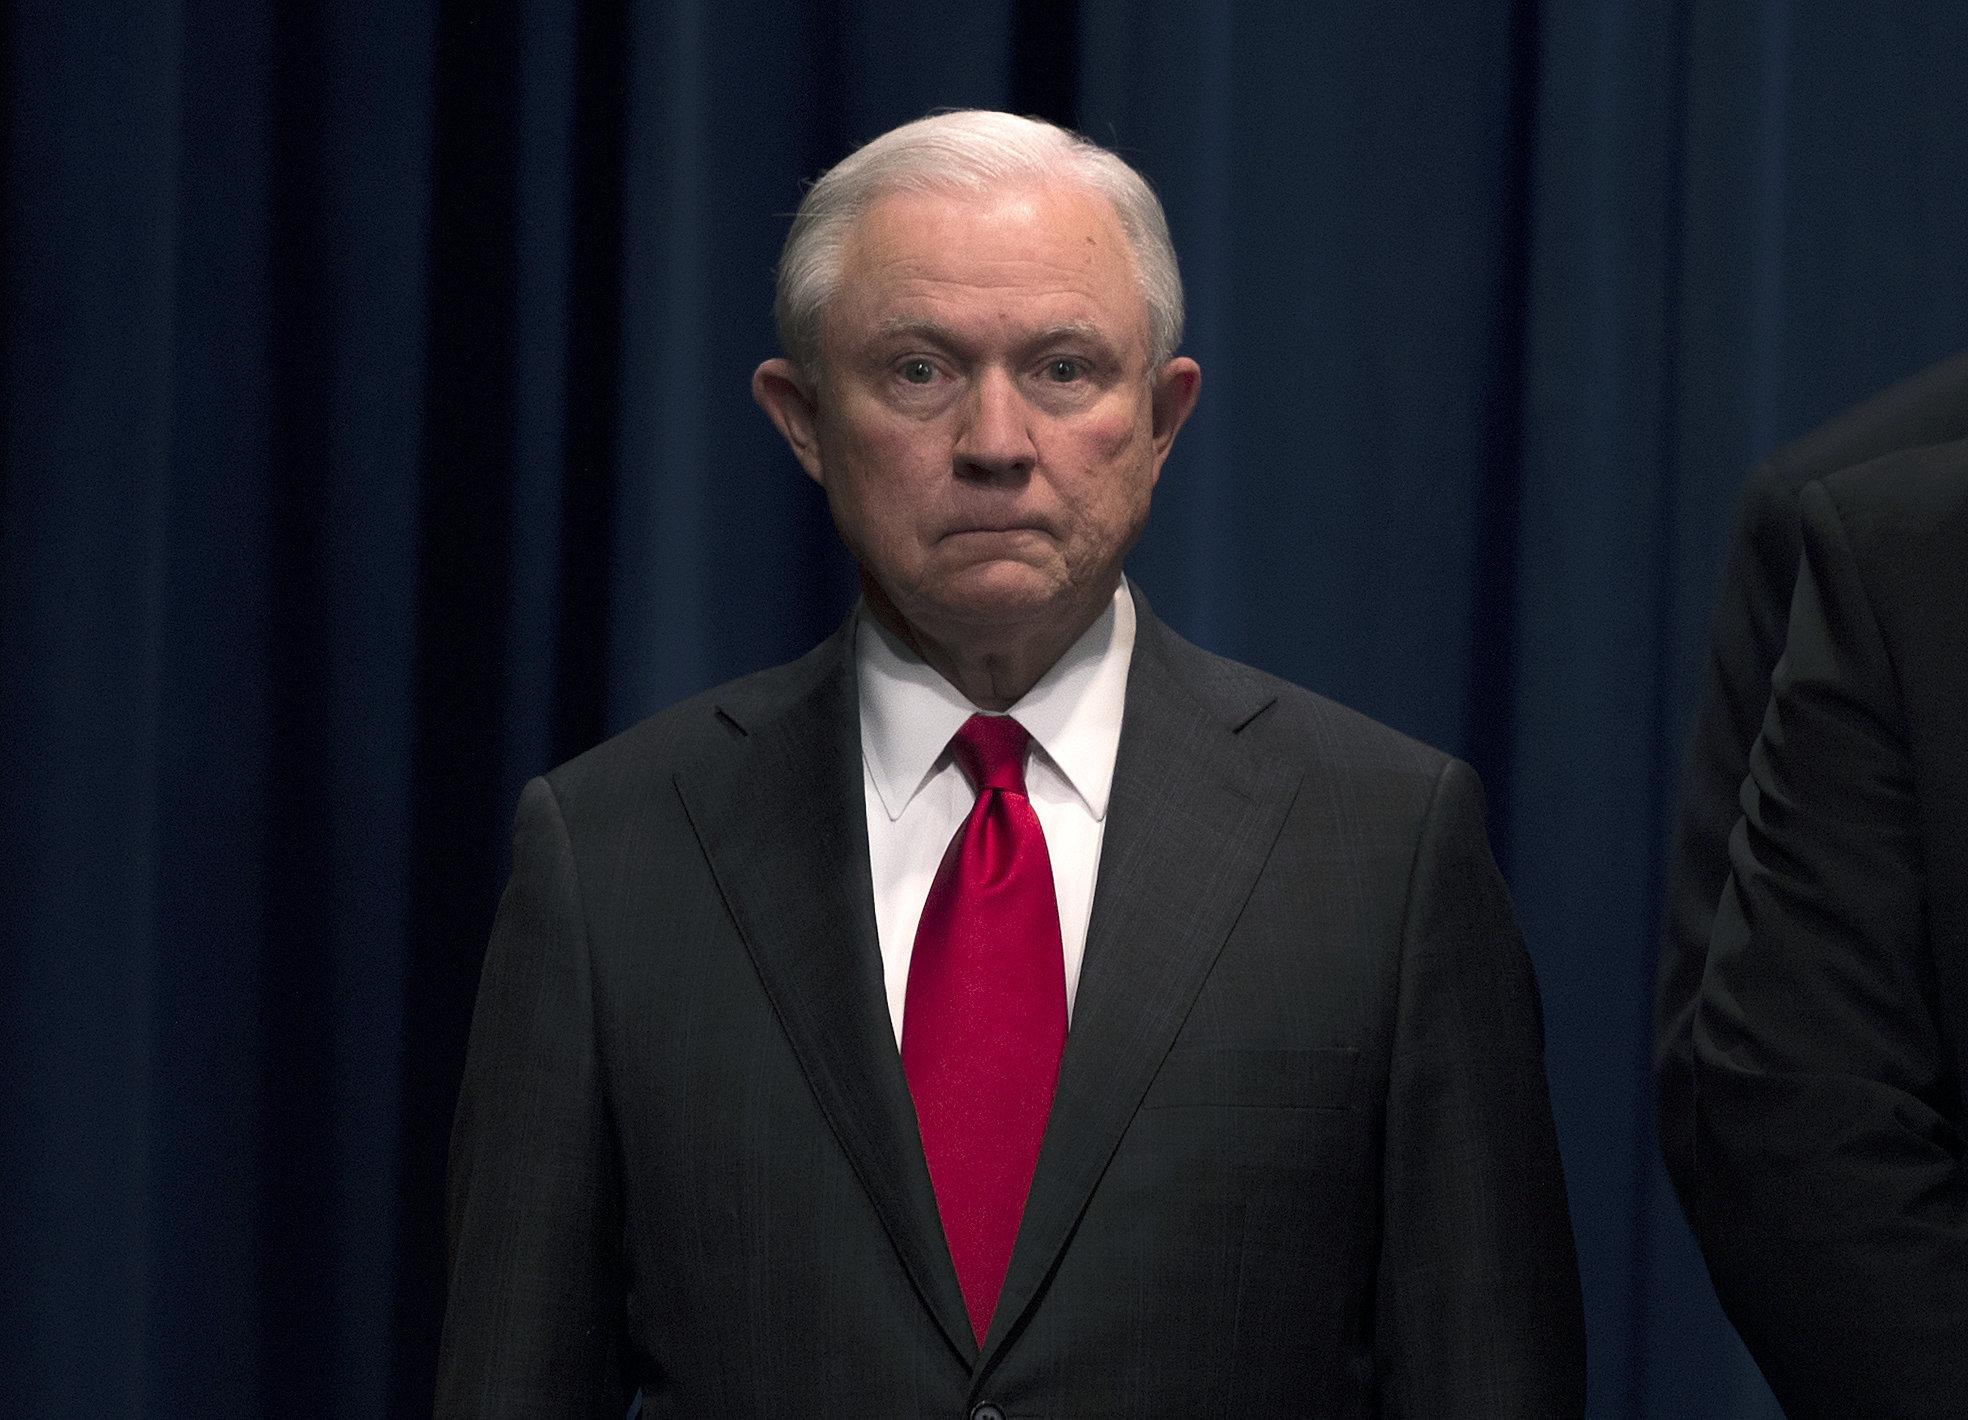 세션스가 사임했다. 이제 트럼프는 '러시아 특검'을 손 보려